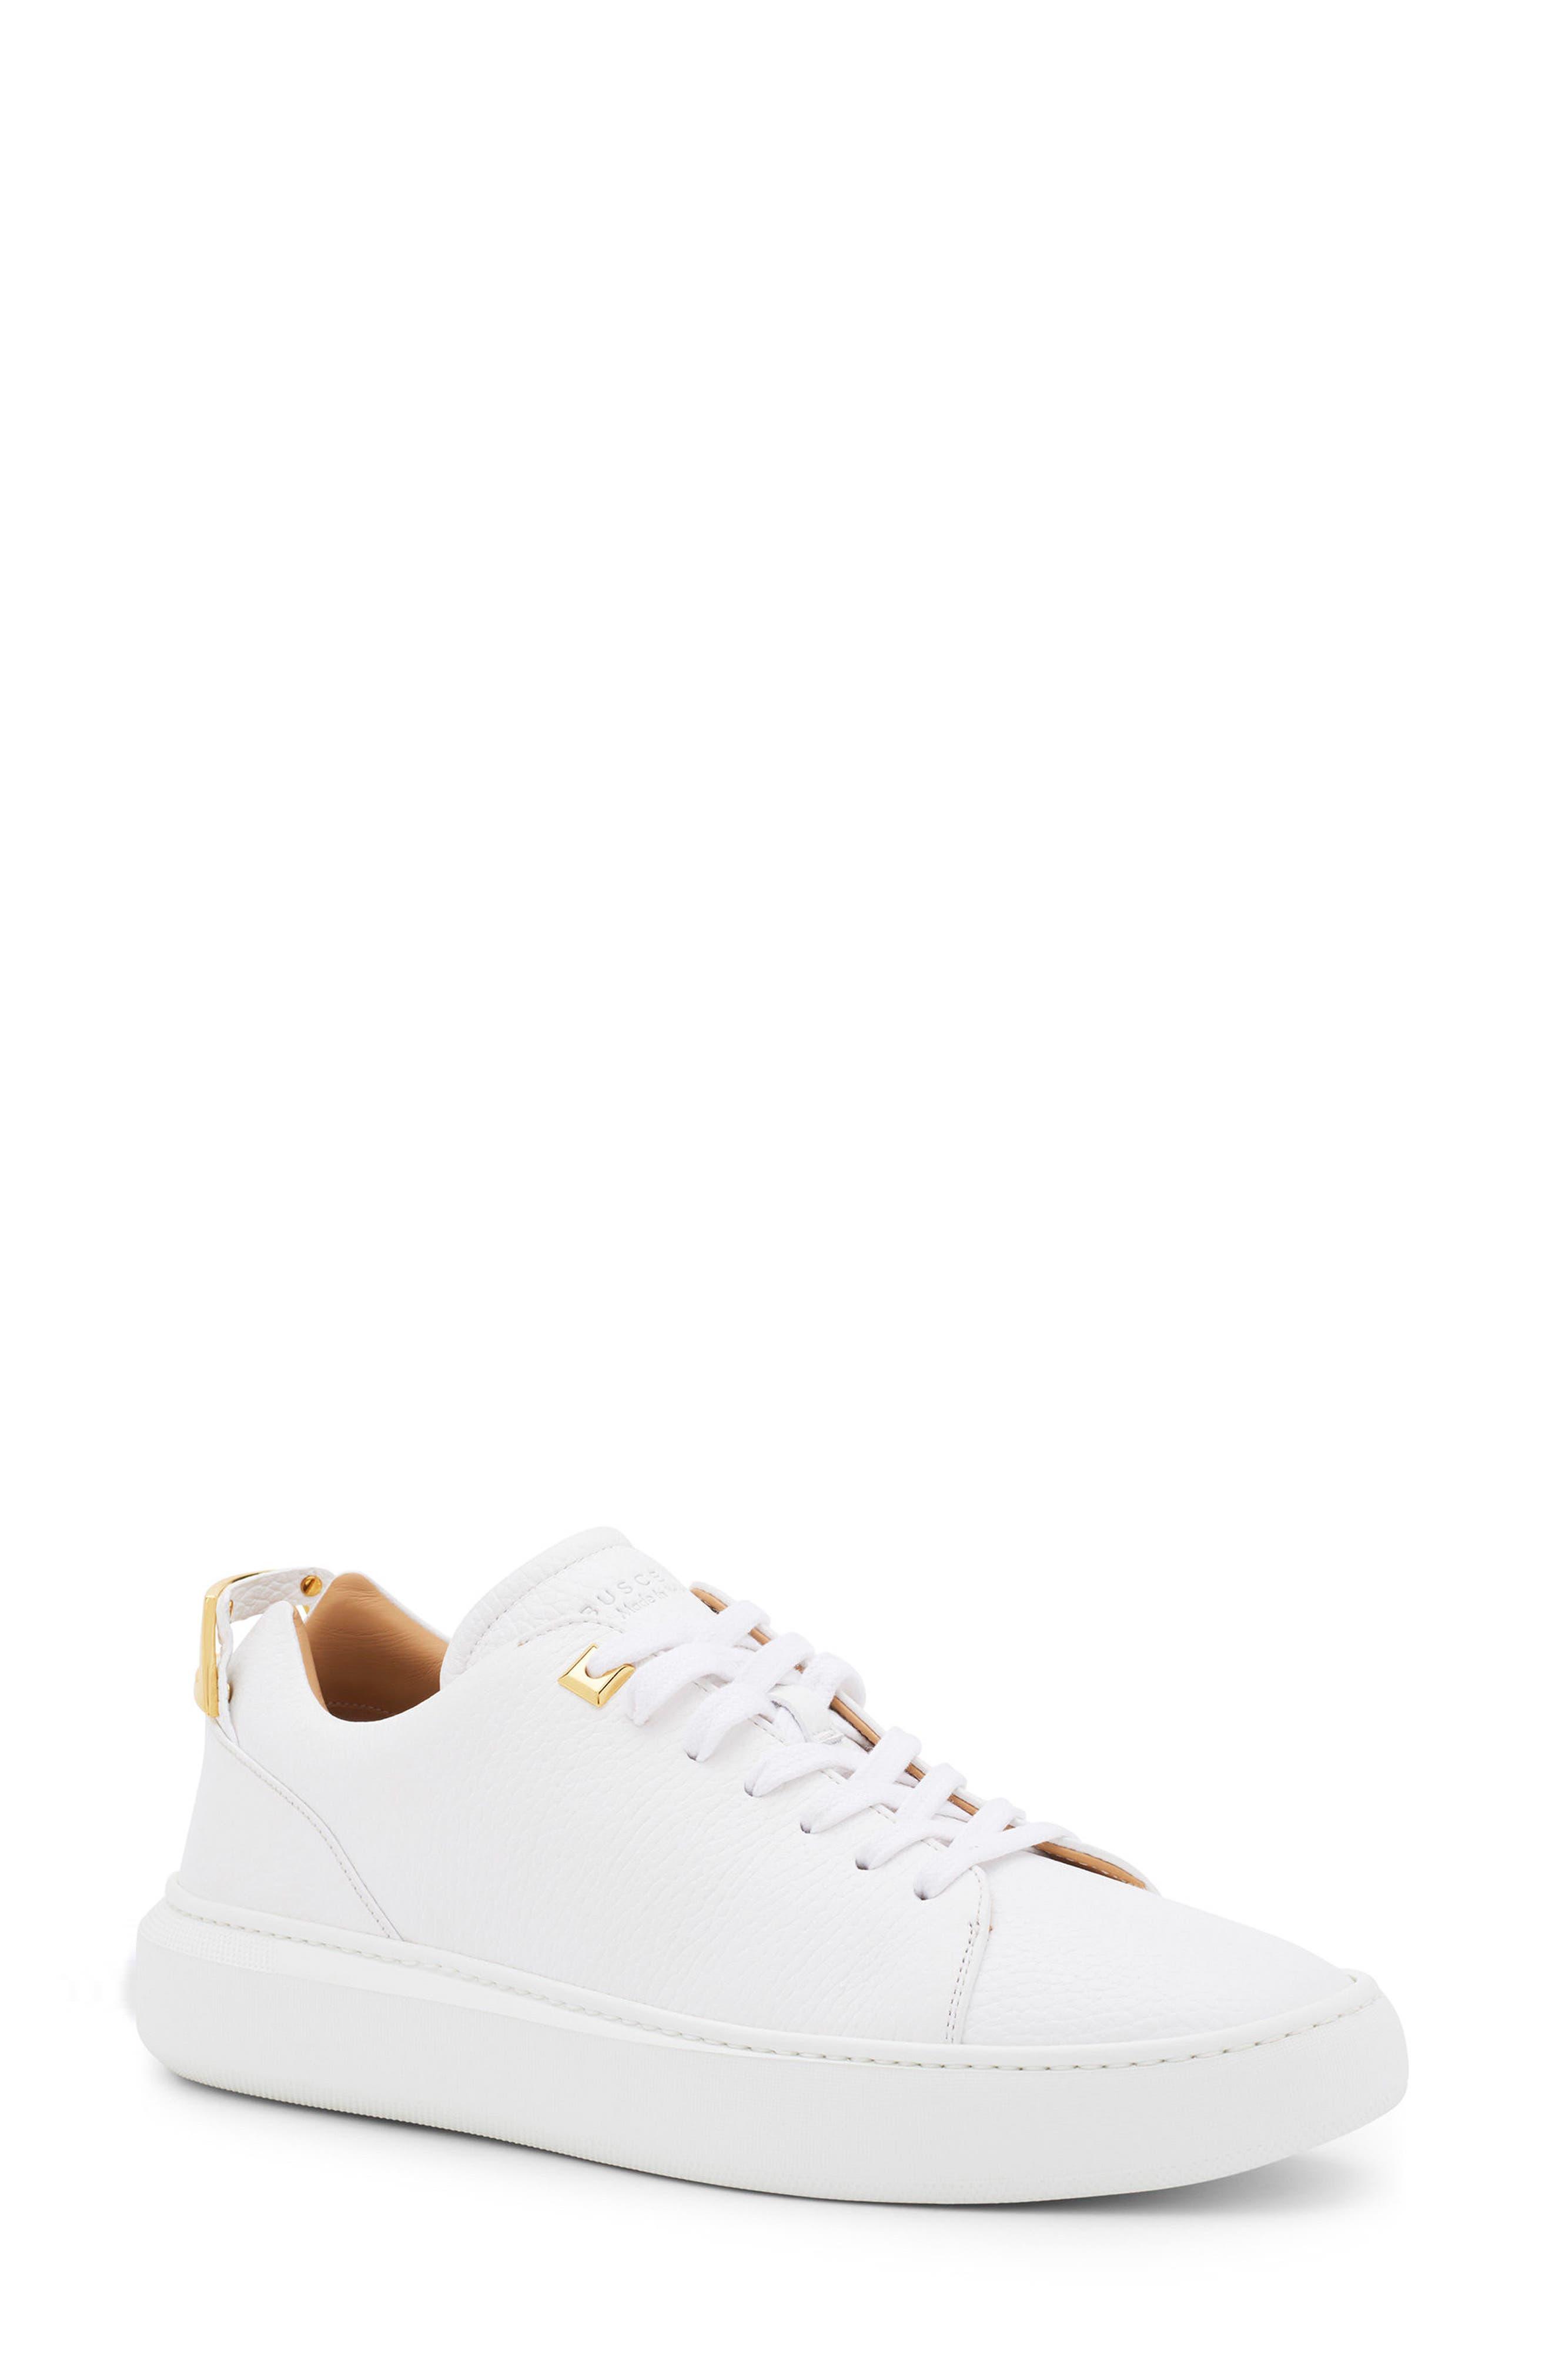 Buscemi Uno Low Top Sneaker (Women)